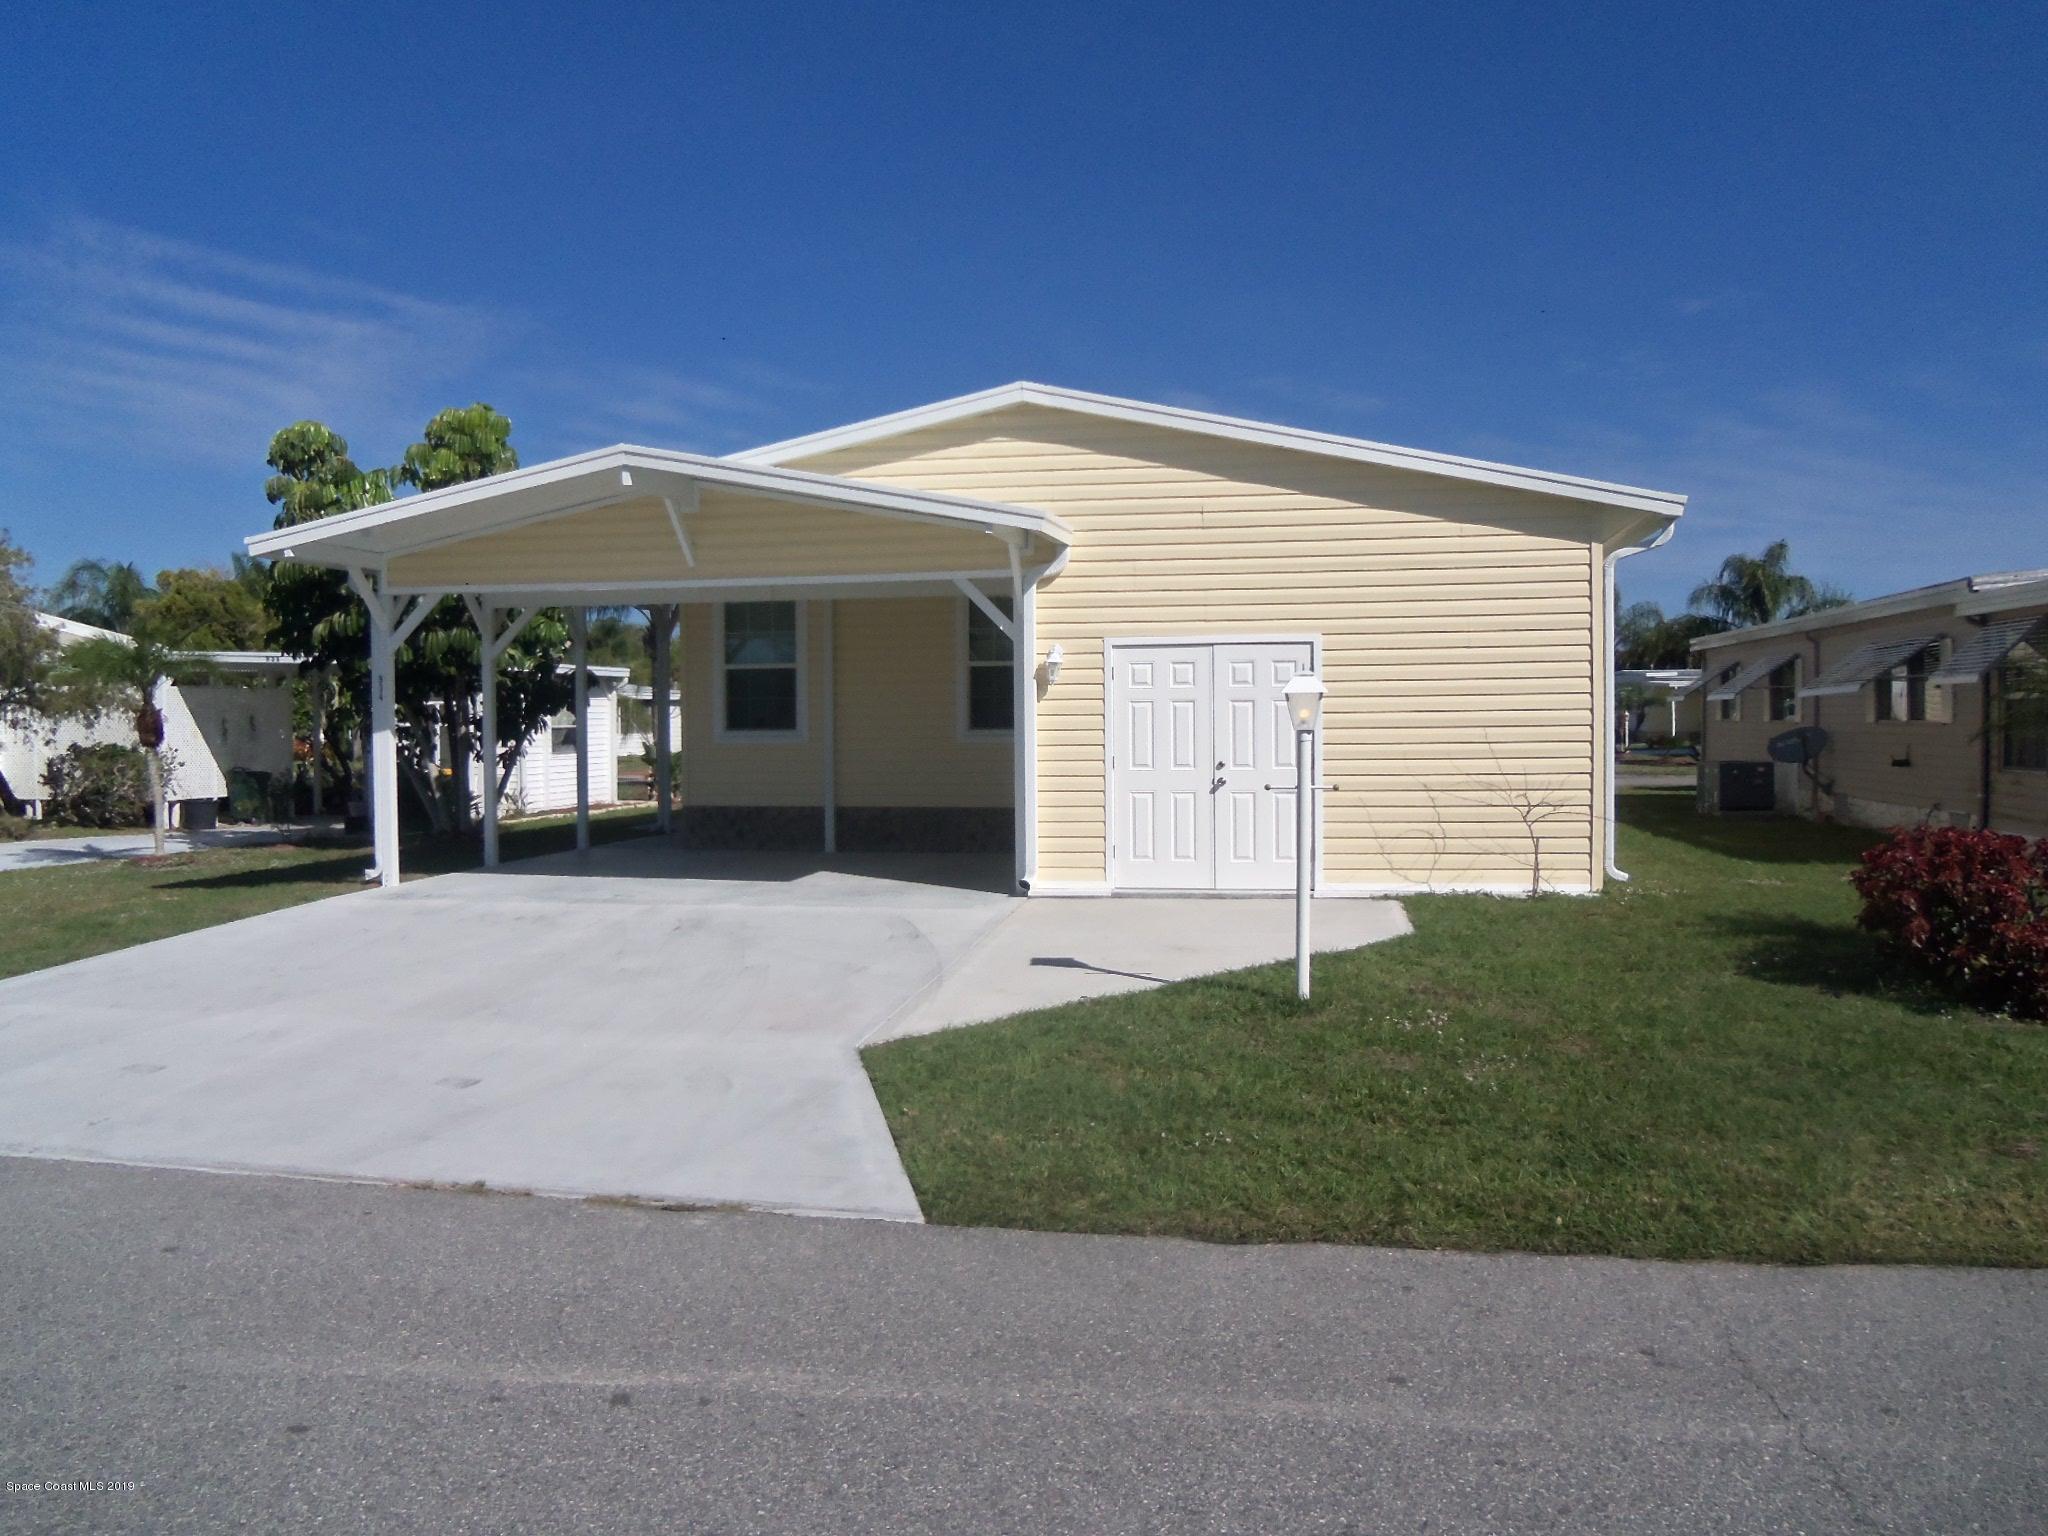 独户住宅 为 销售 在 934 Fir 934 Fir Barefoot Bay, 佛罗里达州 32976 美国